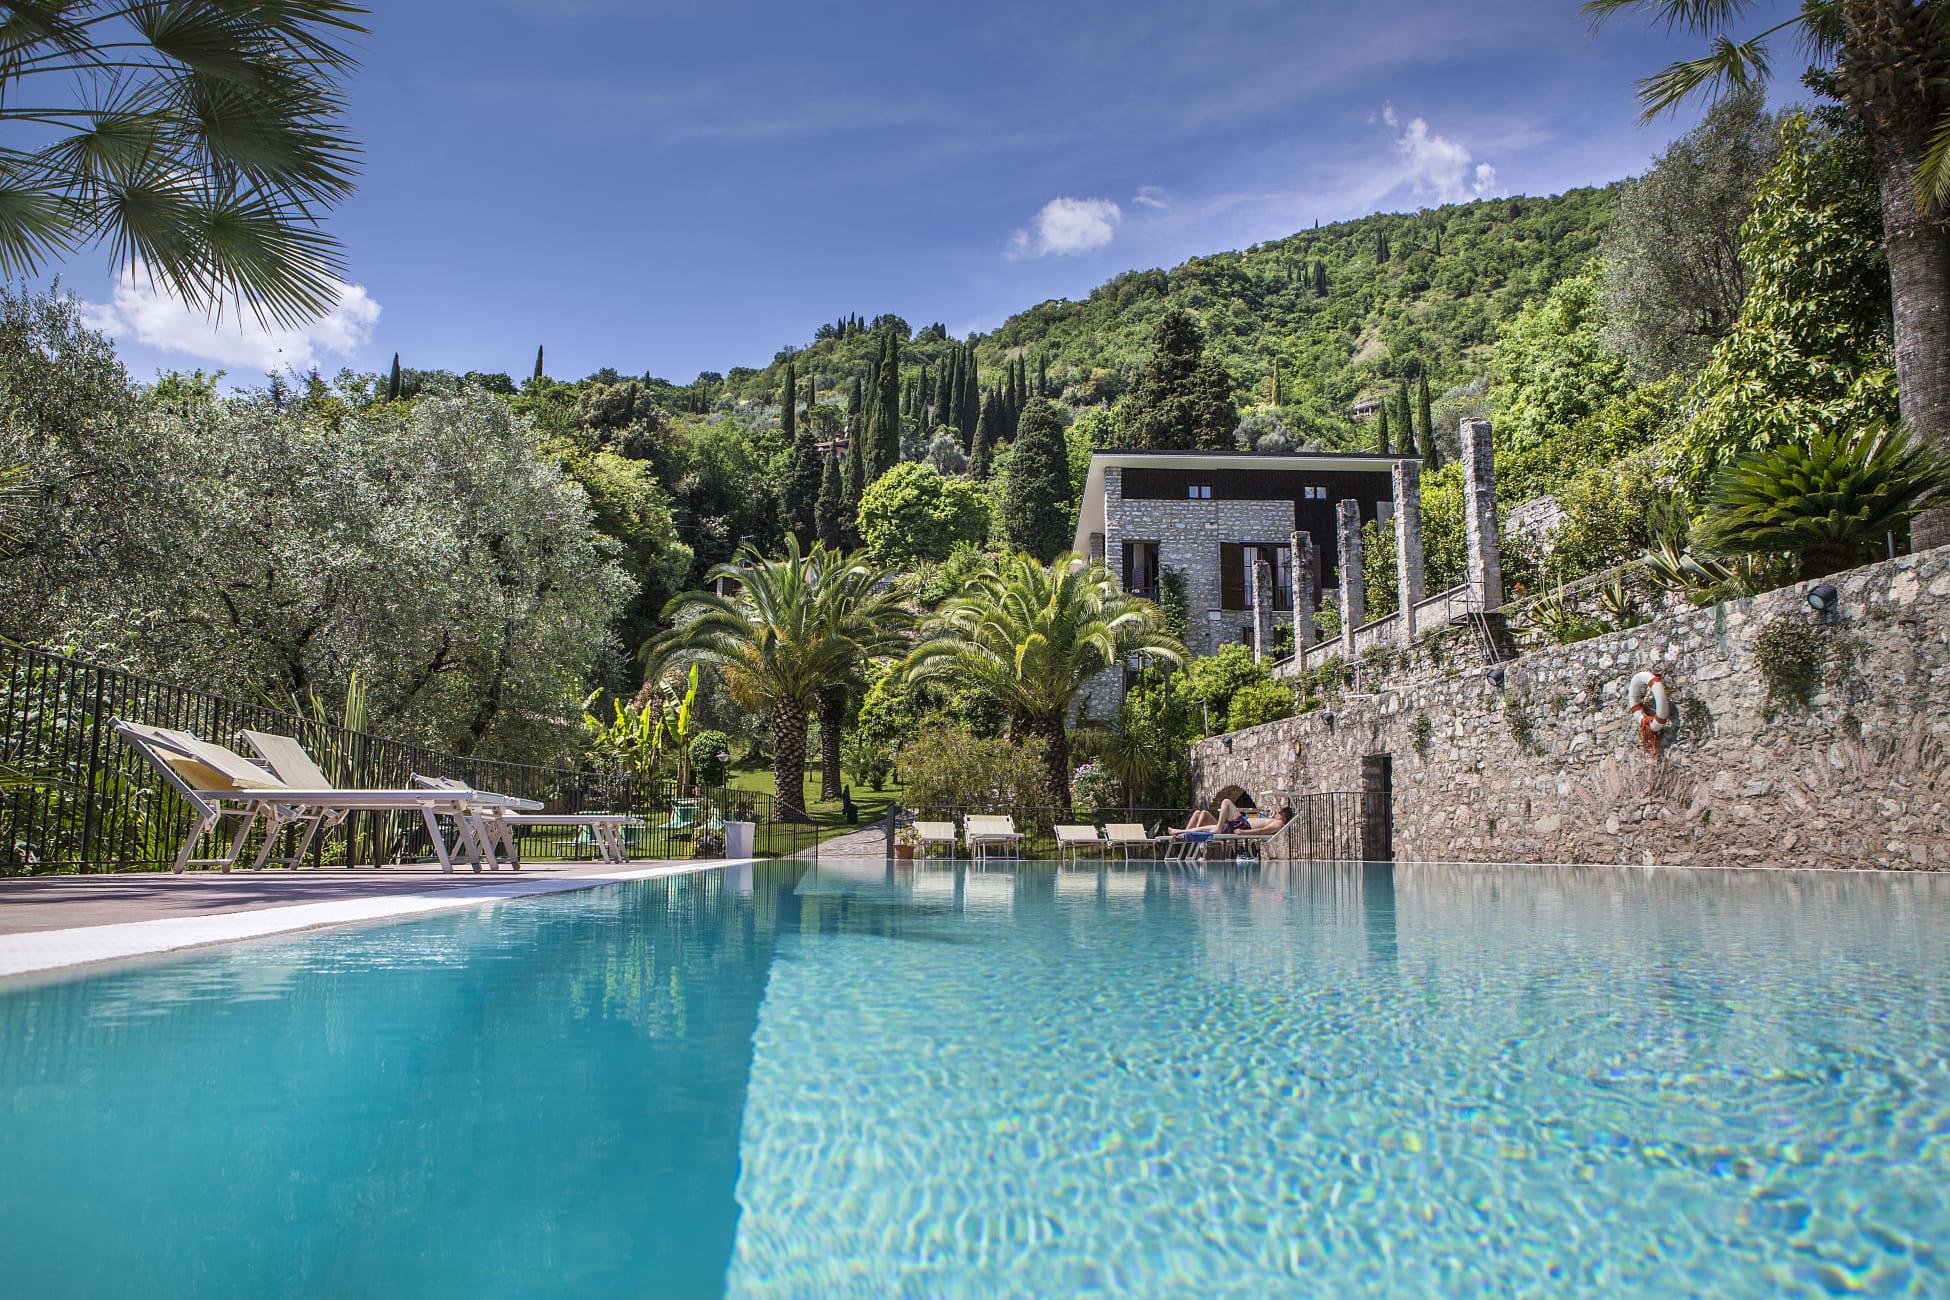 Otel Hotel Livia, Gargnano - Trivago.tr pour Piscine Du Lido